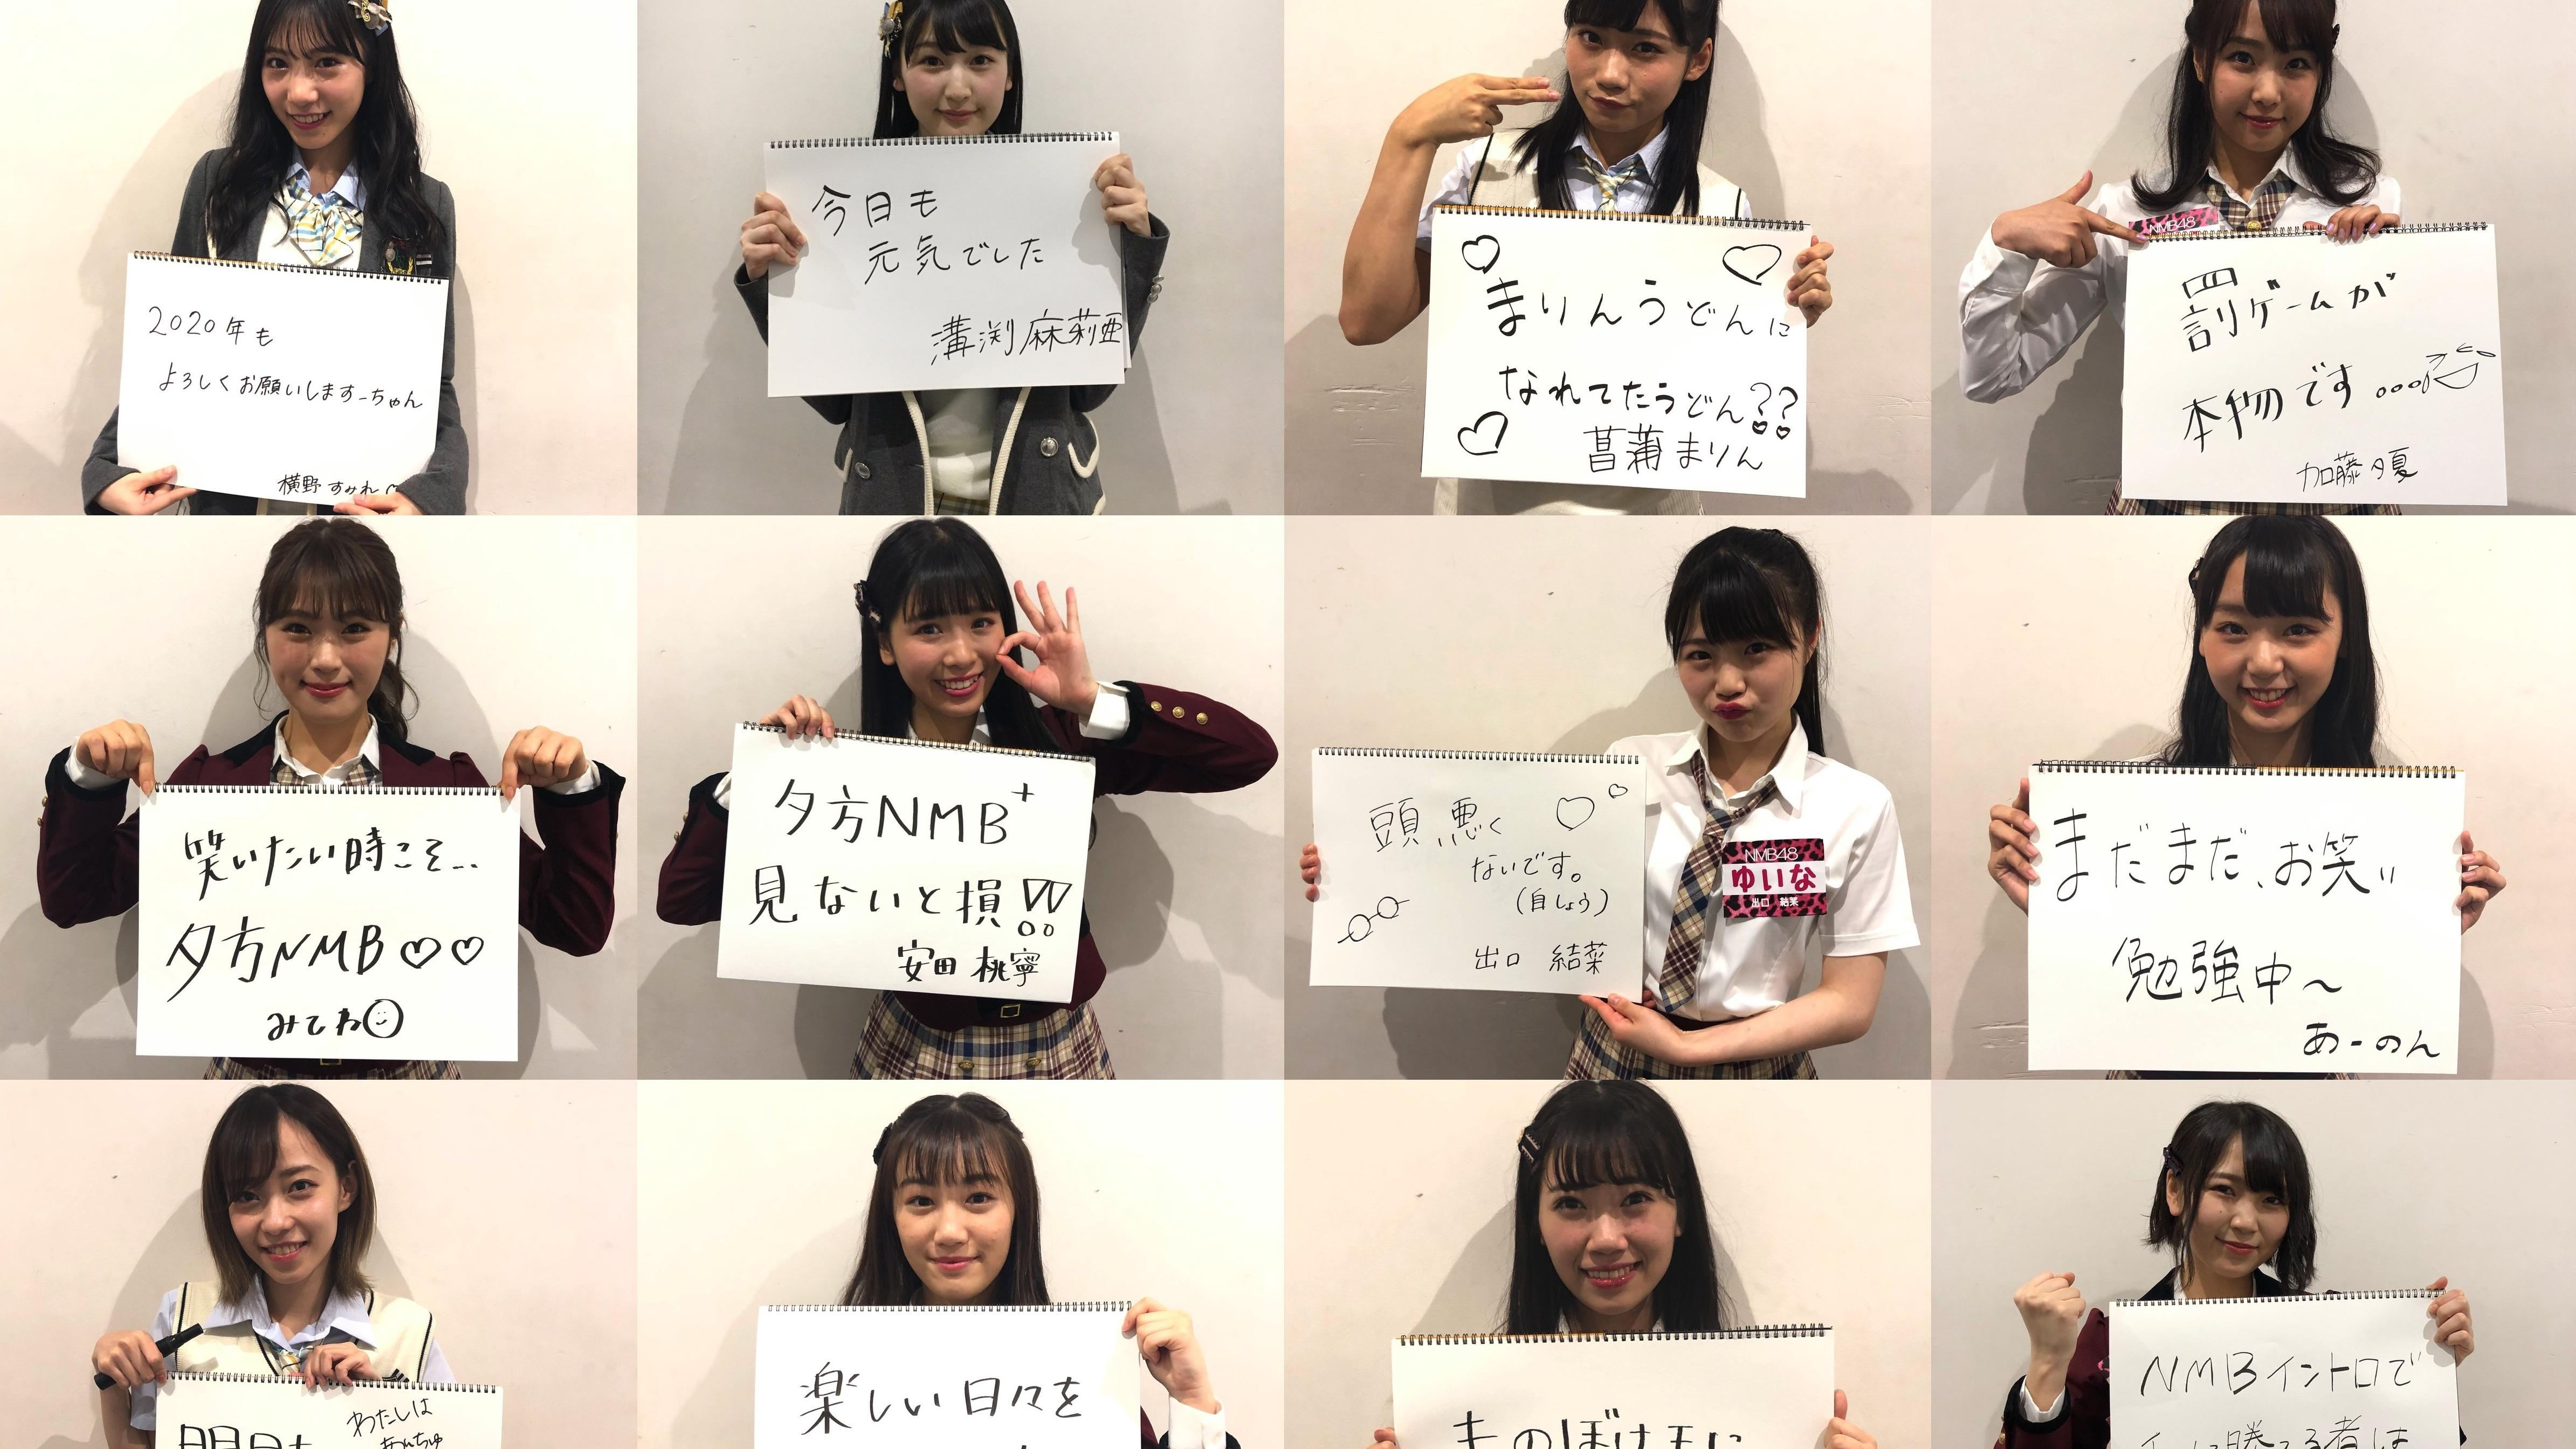 【NMB48】2月20日の「昼方・夕方・夜方」の出演メンバーが発表